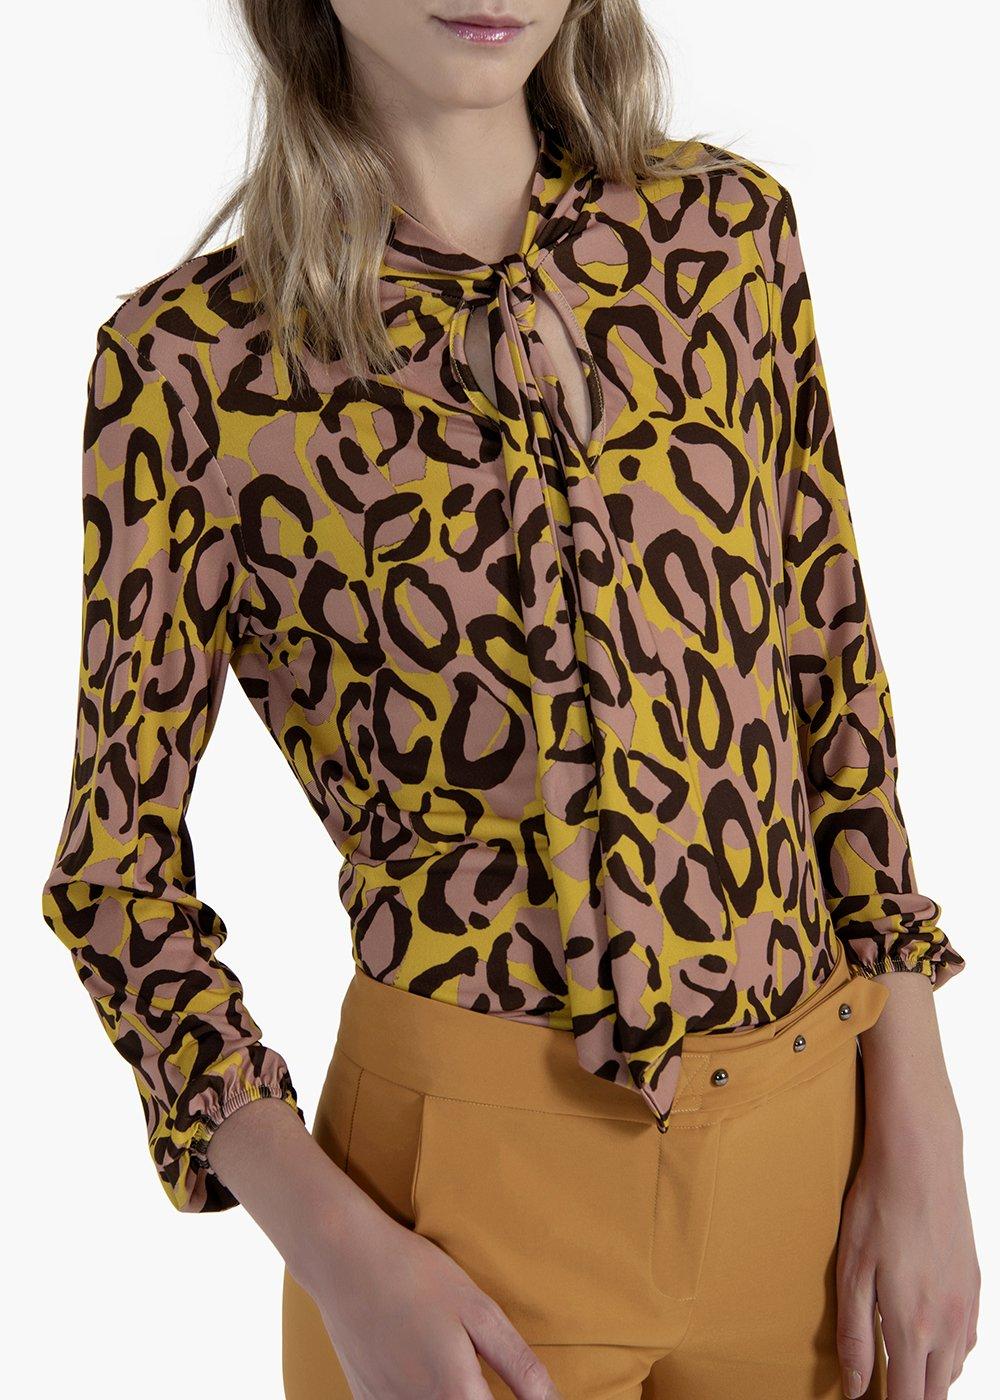 Camicia Saemi in tessuto fluido con stampa macromacula - Rosette  / Marrone Fantasia - Donna